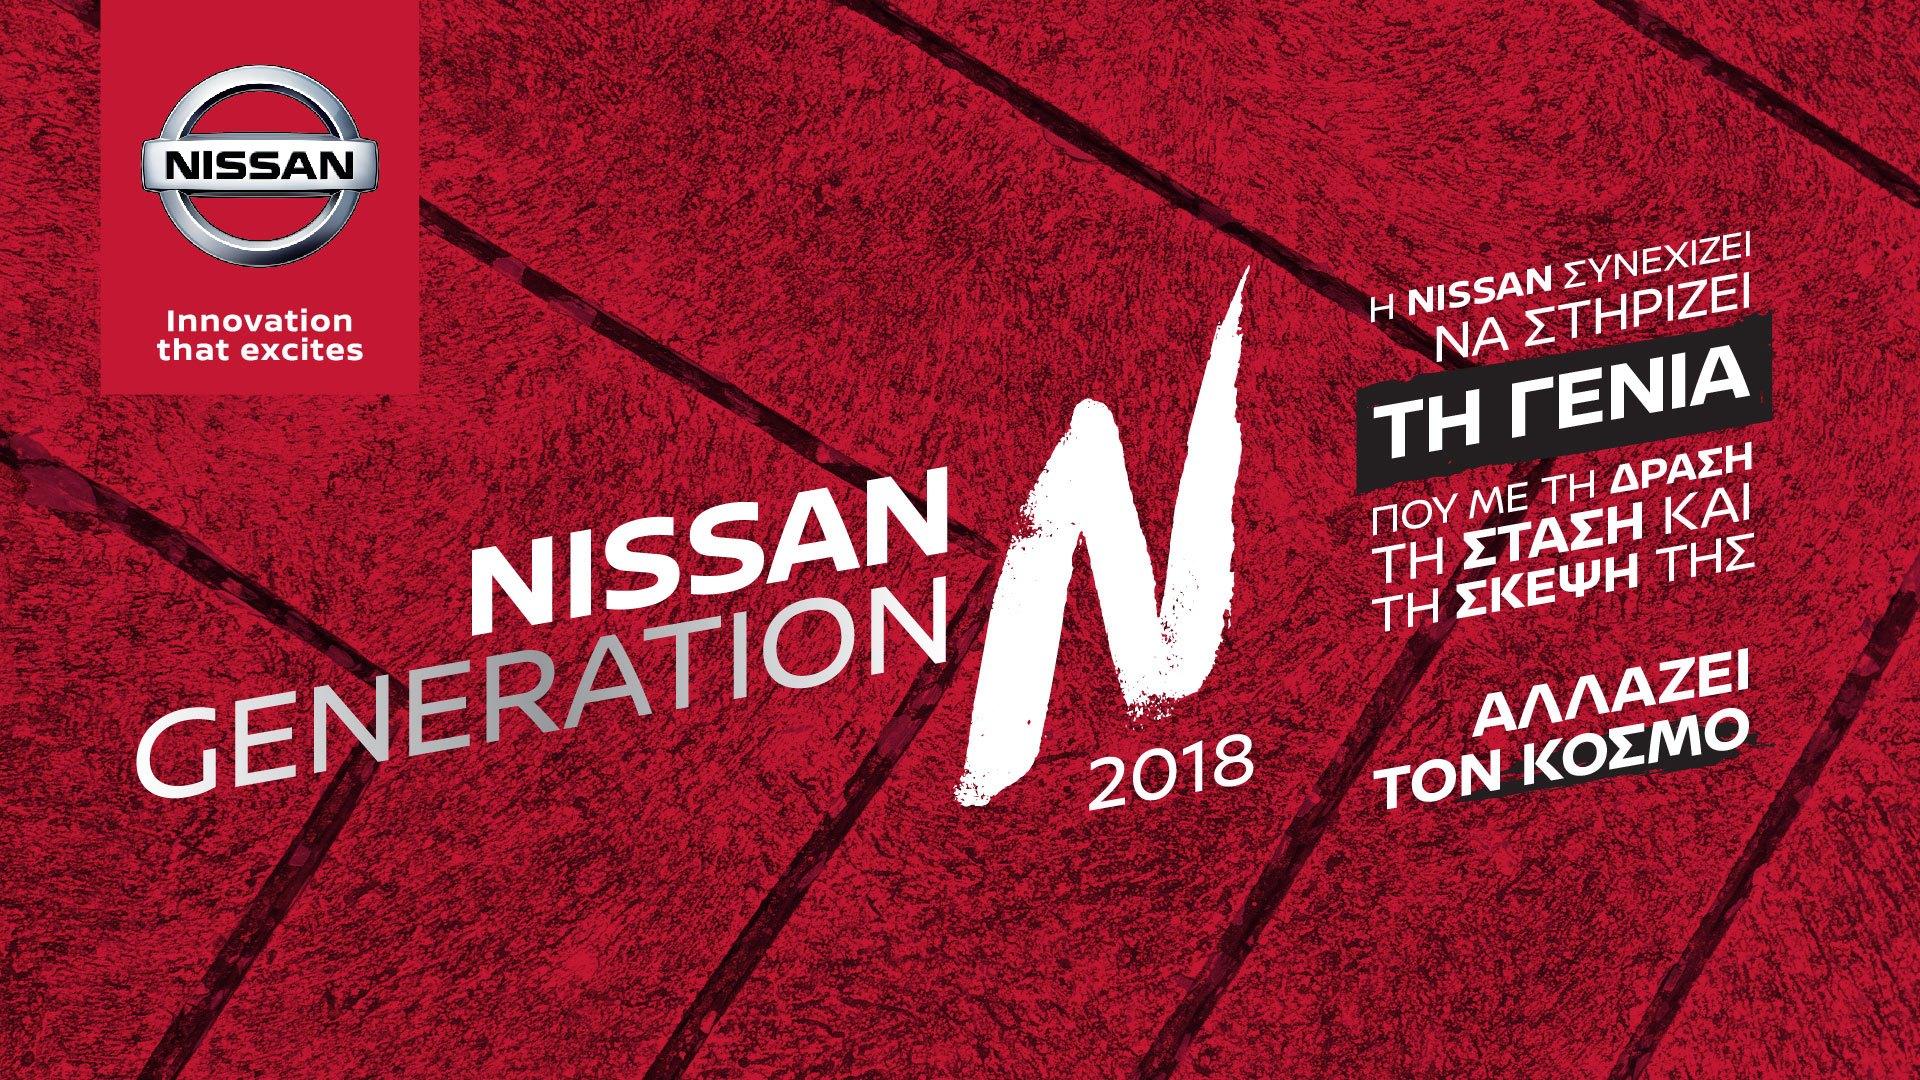 Η Nissan συνεχίζει να στηρίζει τη νέα γενιά με το GENERATION N !